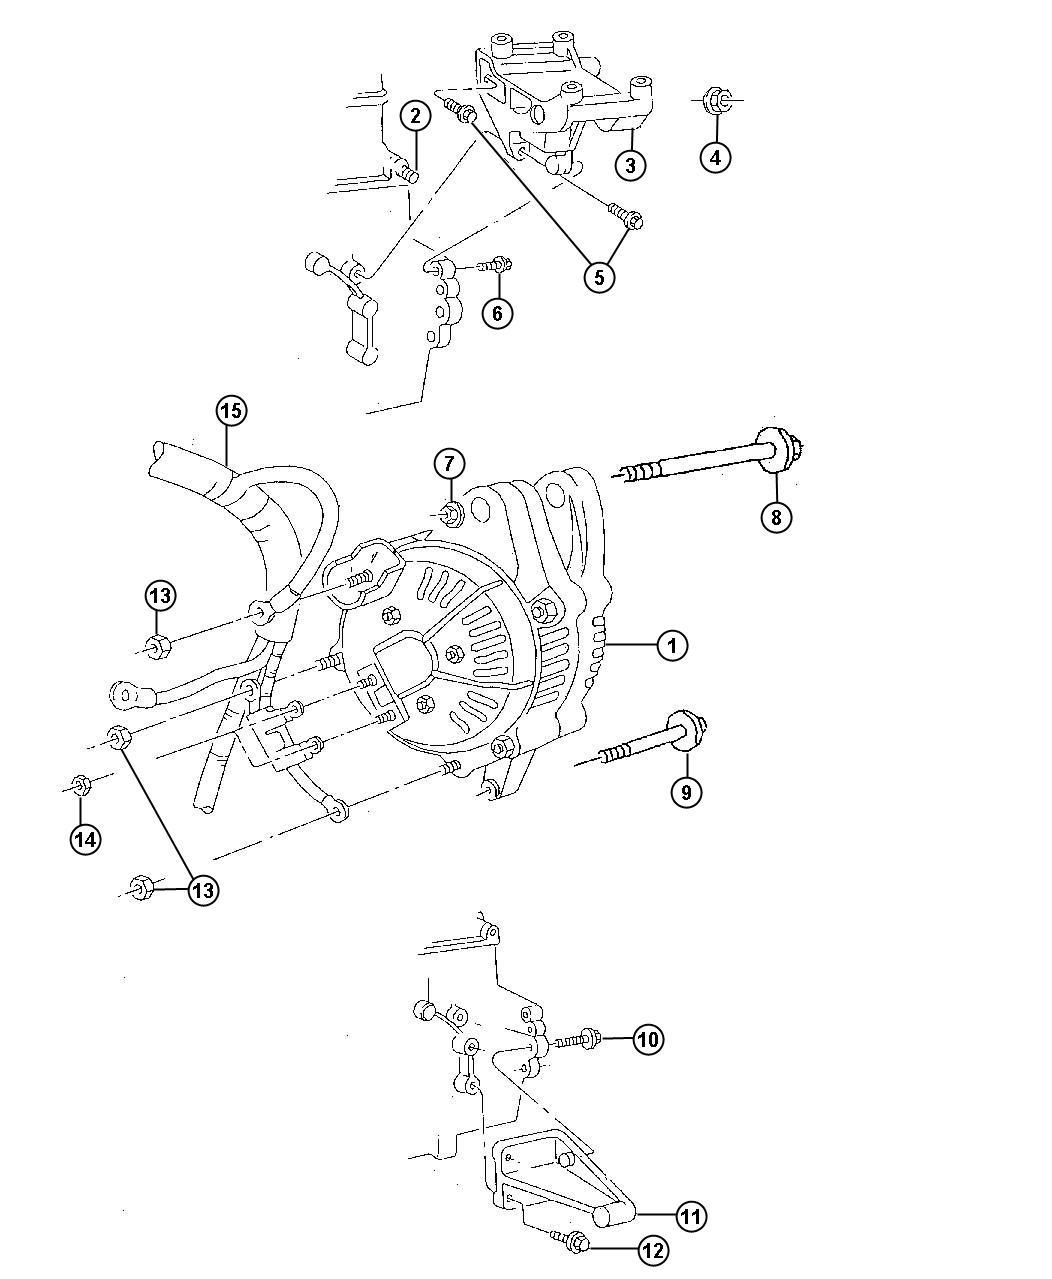 56009115AB - Chrysler Wiring. Alternator and battery ...